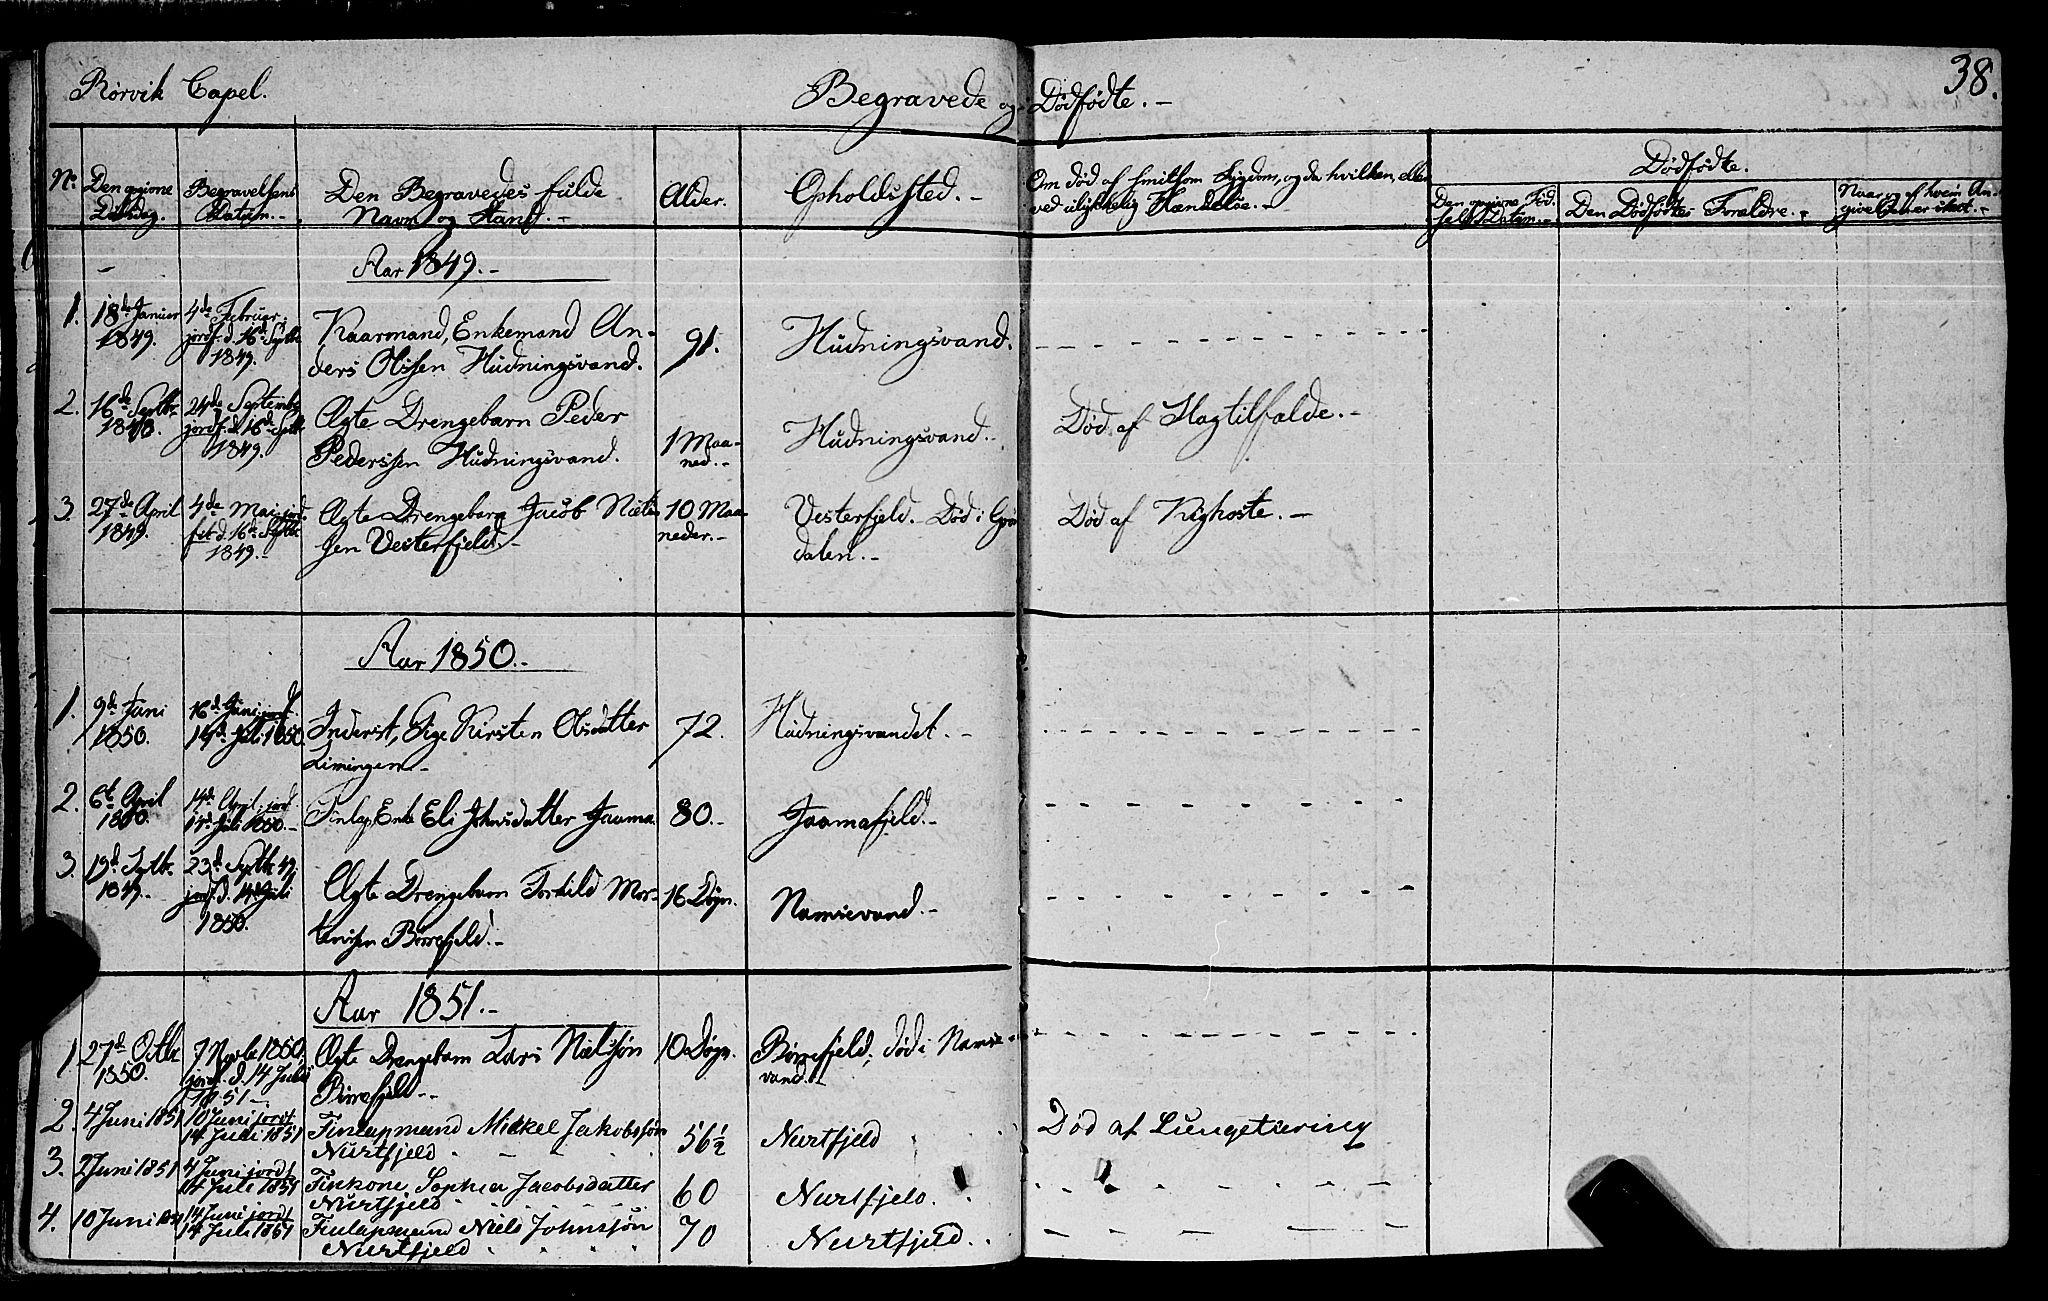 SAT, Ministerialprotokoller, klokkerbøker og fødselsregistre - Nord-Trøndelag, 762/L0538: Ministerialbok nr. 762A02 /1, 1833-1879, s. 38